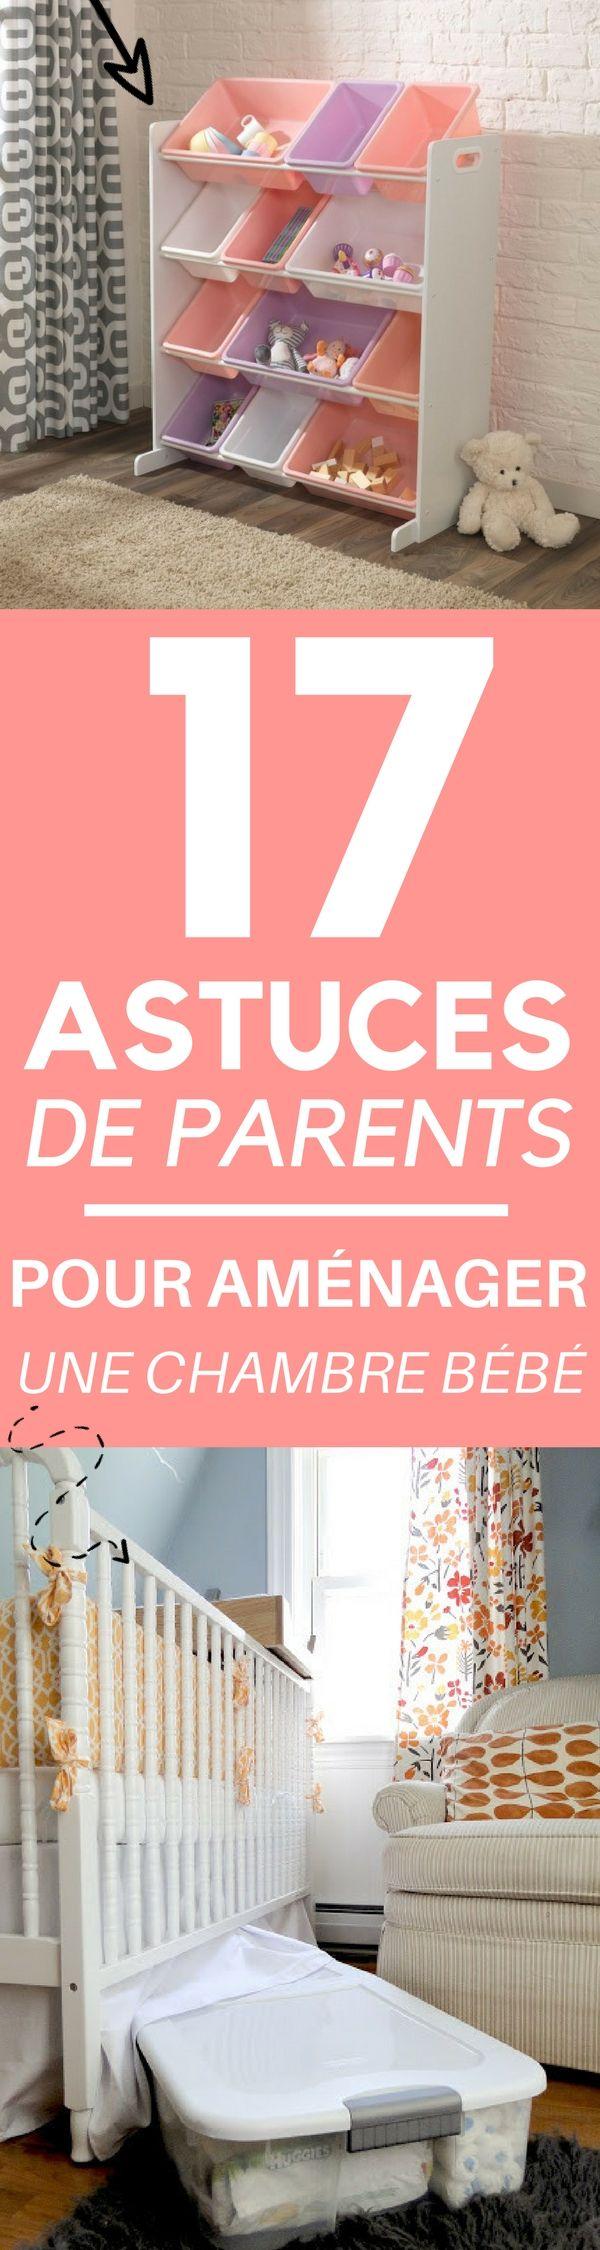 17 Astuces de Parents pour Aménager et Ranger la Chambre de Votre Bébé (sans pour autant ruiner la déco)